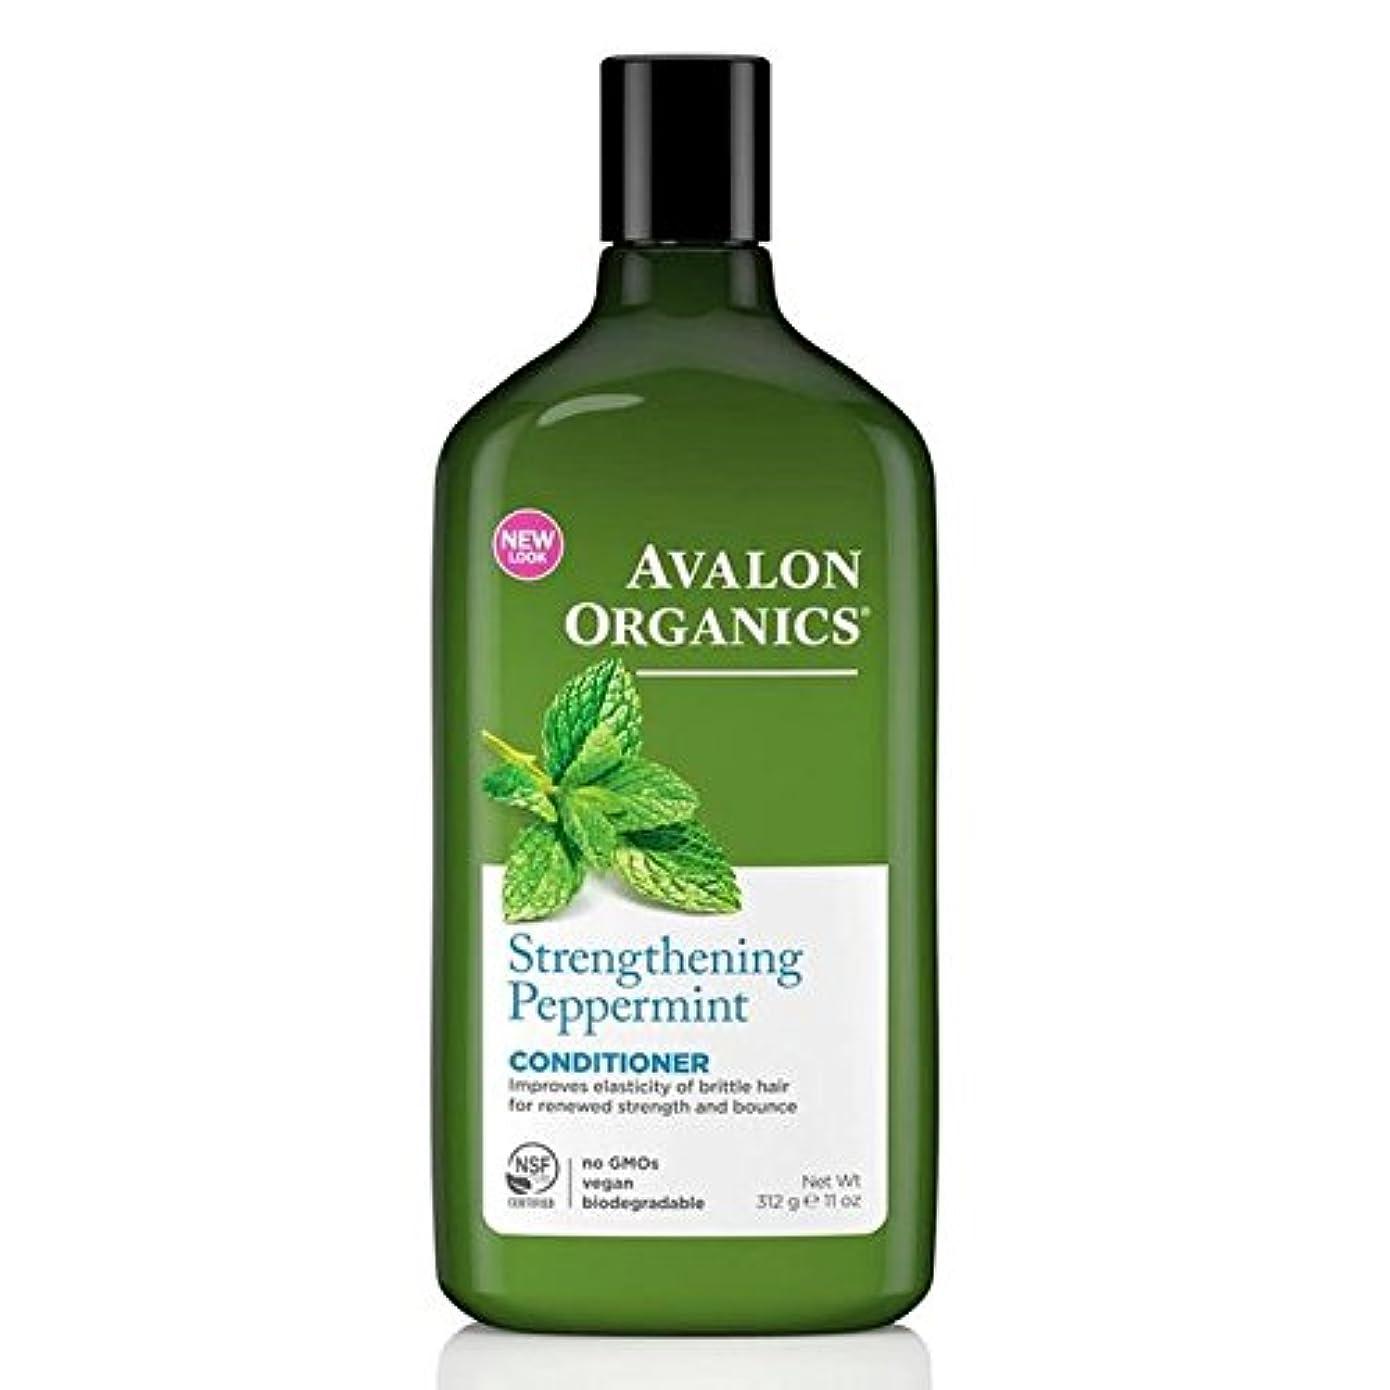 クルー失敗ガラスAvalon Organics Peppermint Conditioner 325ml - (Avalon) ペパーミントコンディショナー325ミリリットル [並行輸入品]